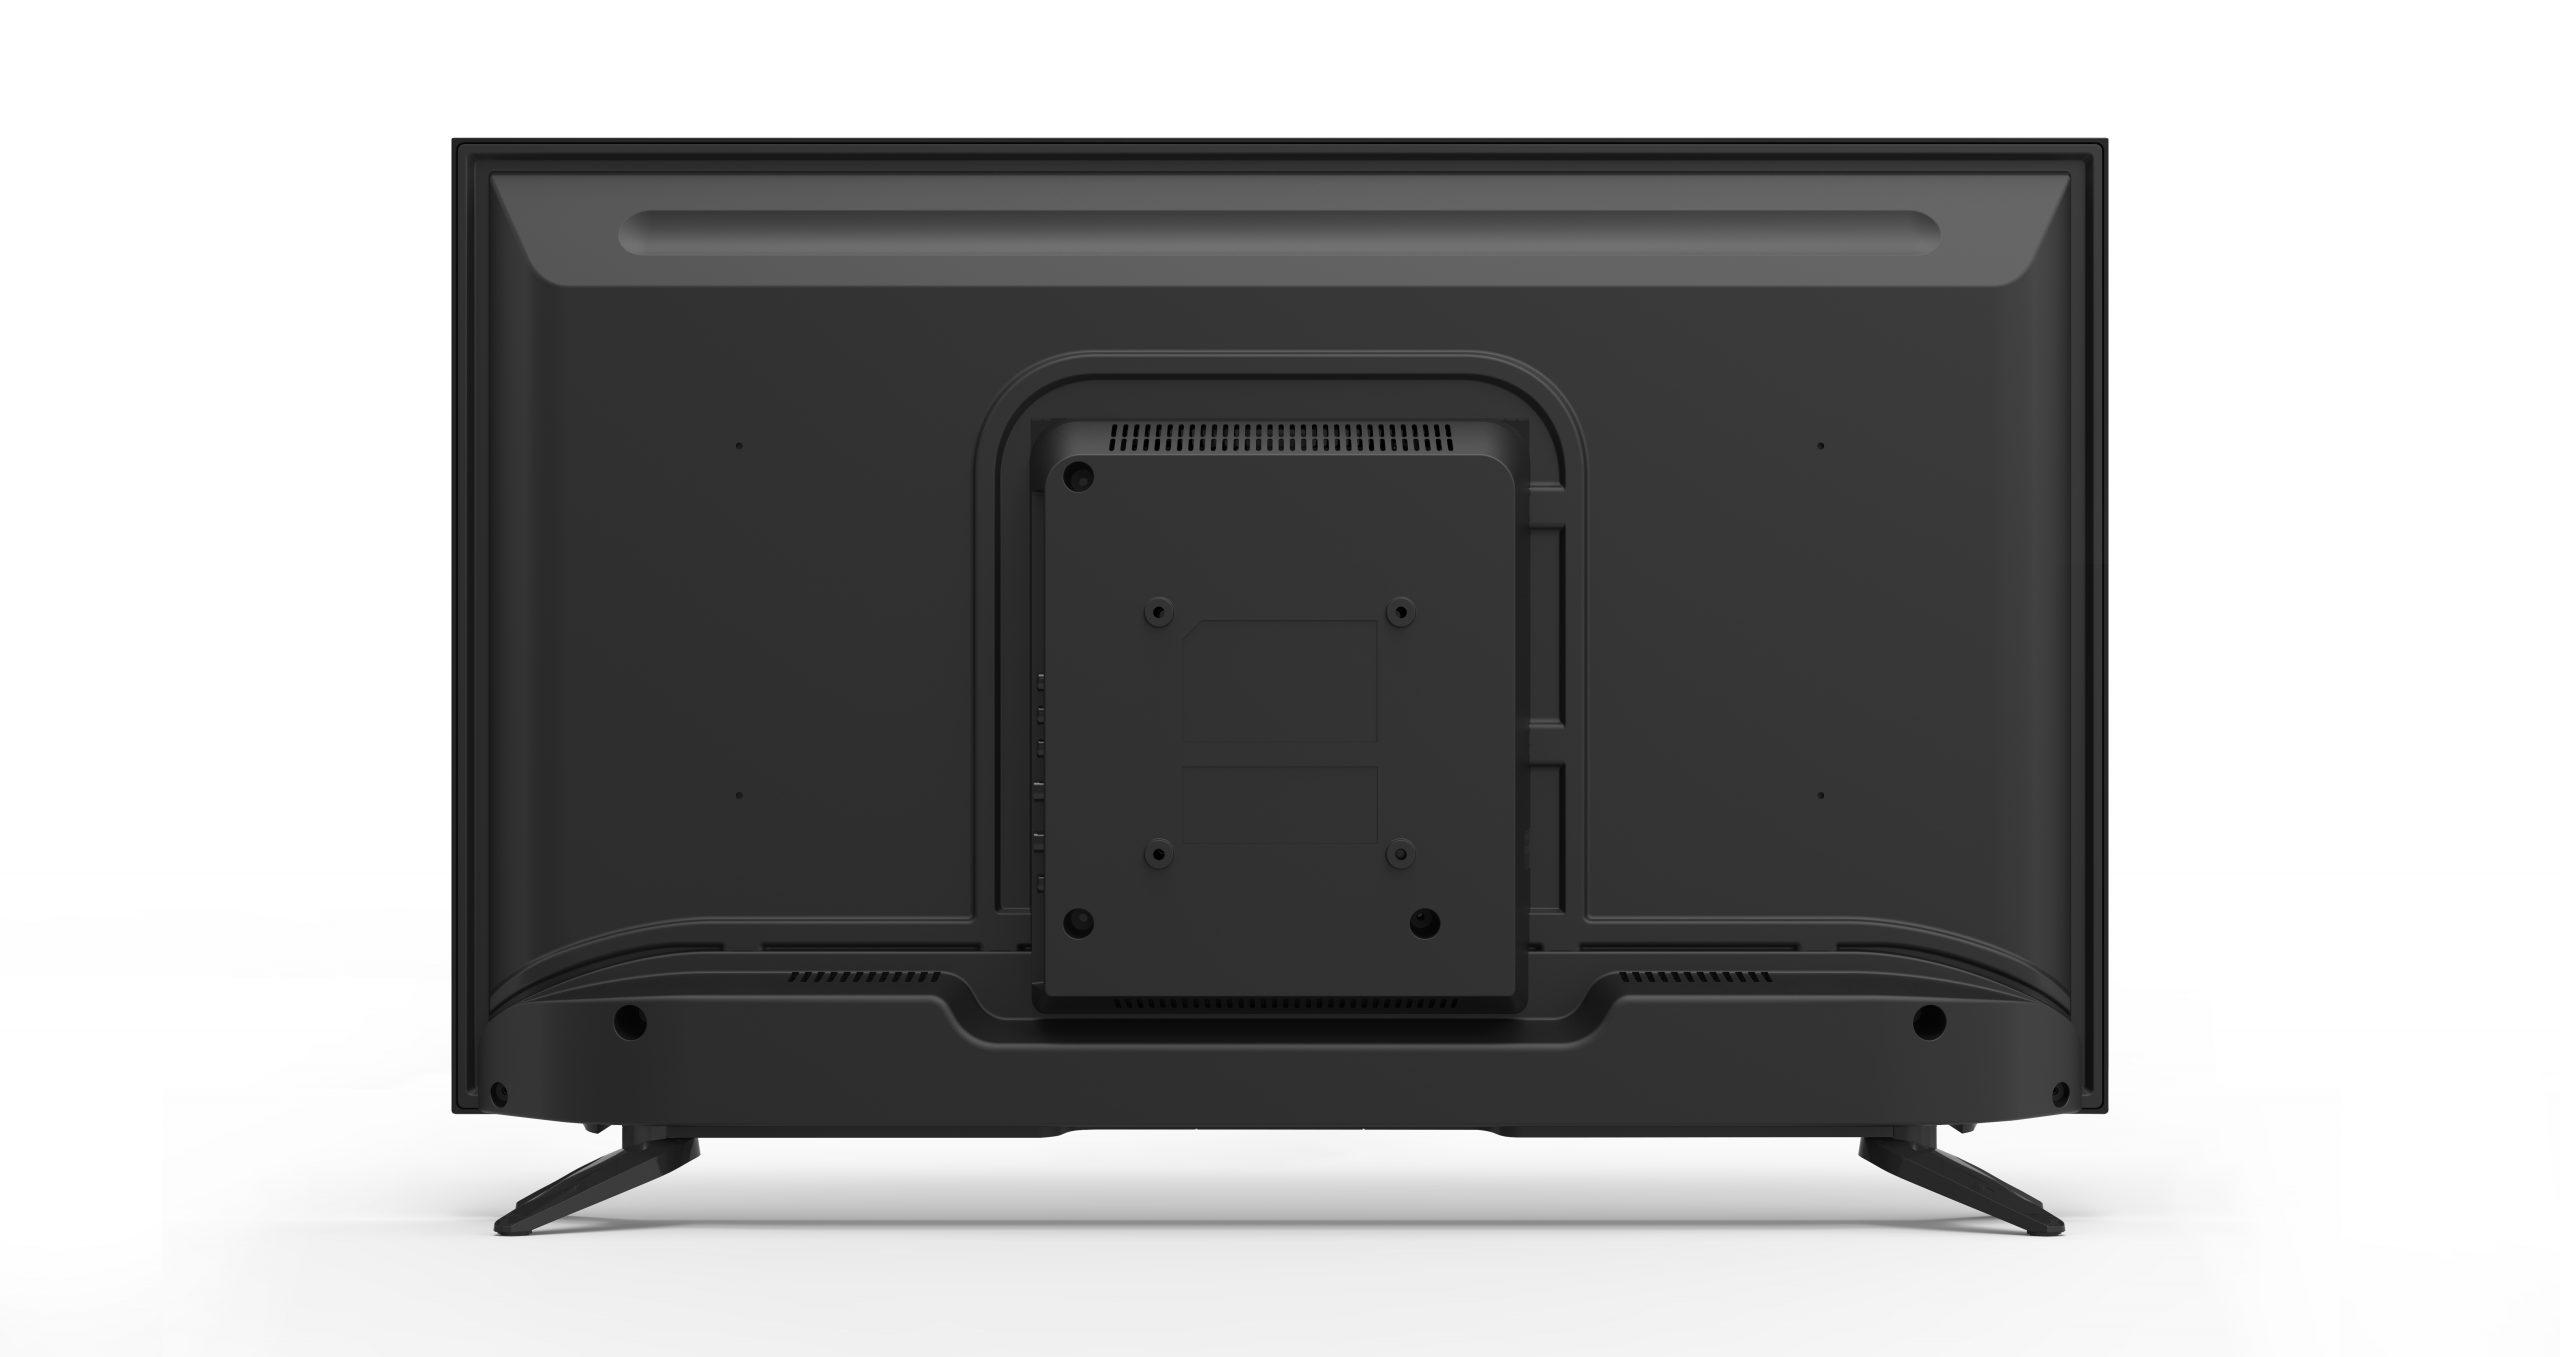 تلویزیون 32 اینچ آر تی سی مدل 32BM4400